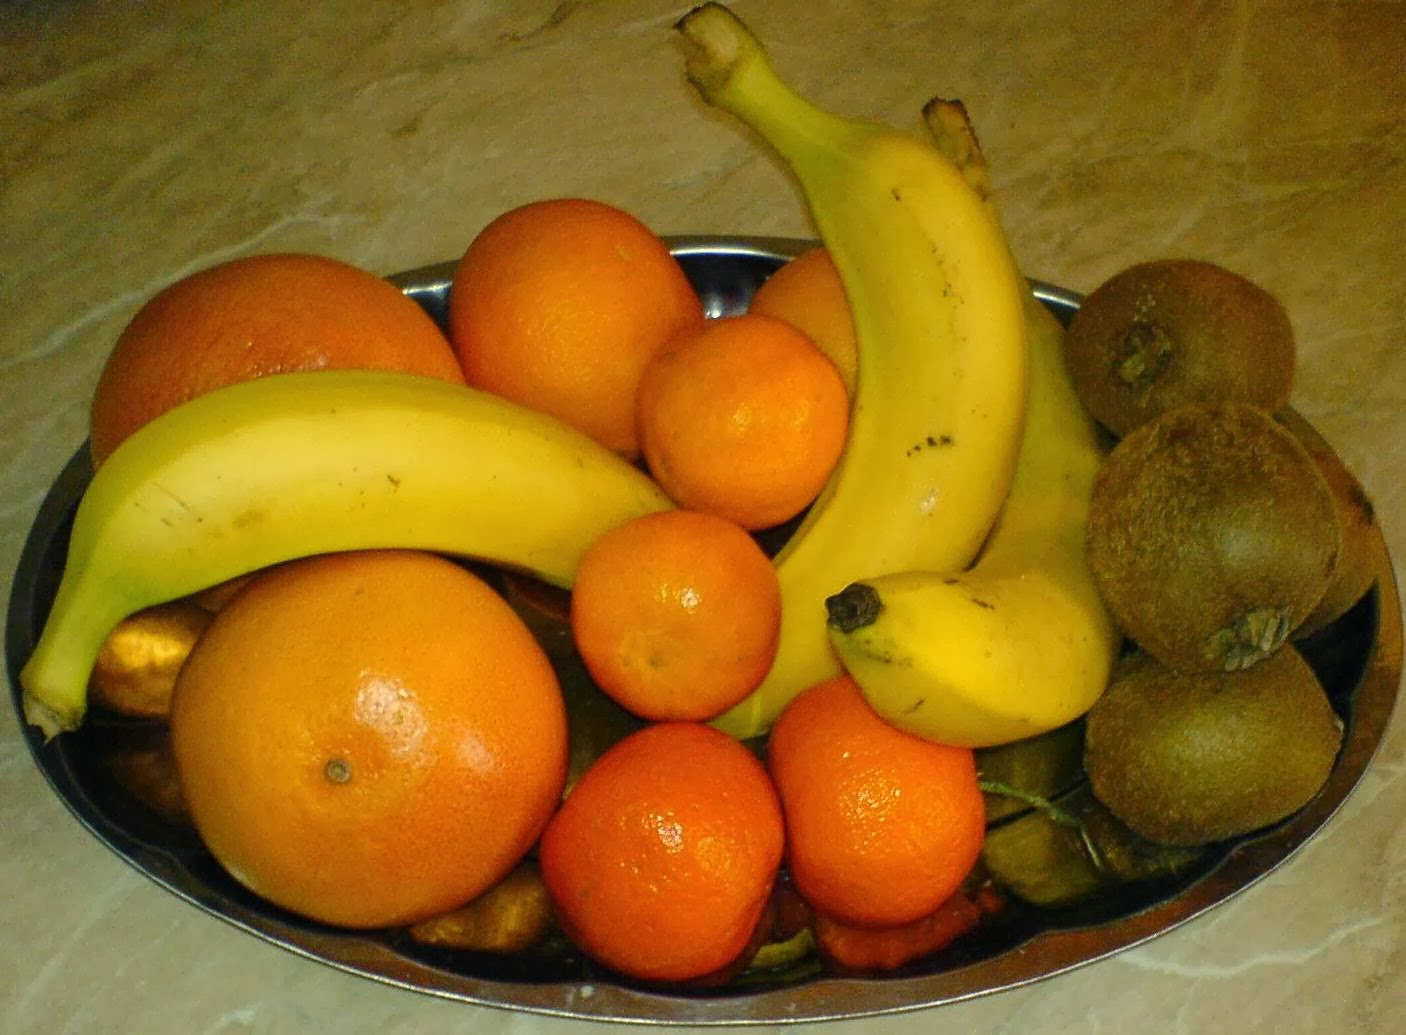 fructe pentru salata de fructe, retete cu fructe, preparate din fructe, fructe pentru salate, fructe exotice, fructe gustoase, fructe proaspete, banane, portocale, grefe, ananas, retete si preparate culinare din fructe, fructe pentru deserturi,